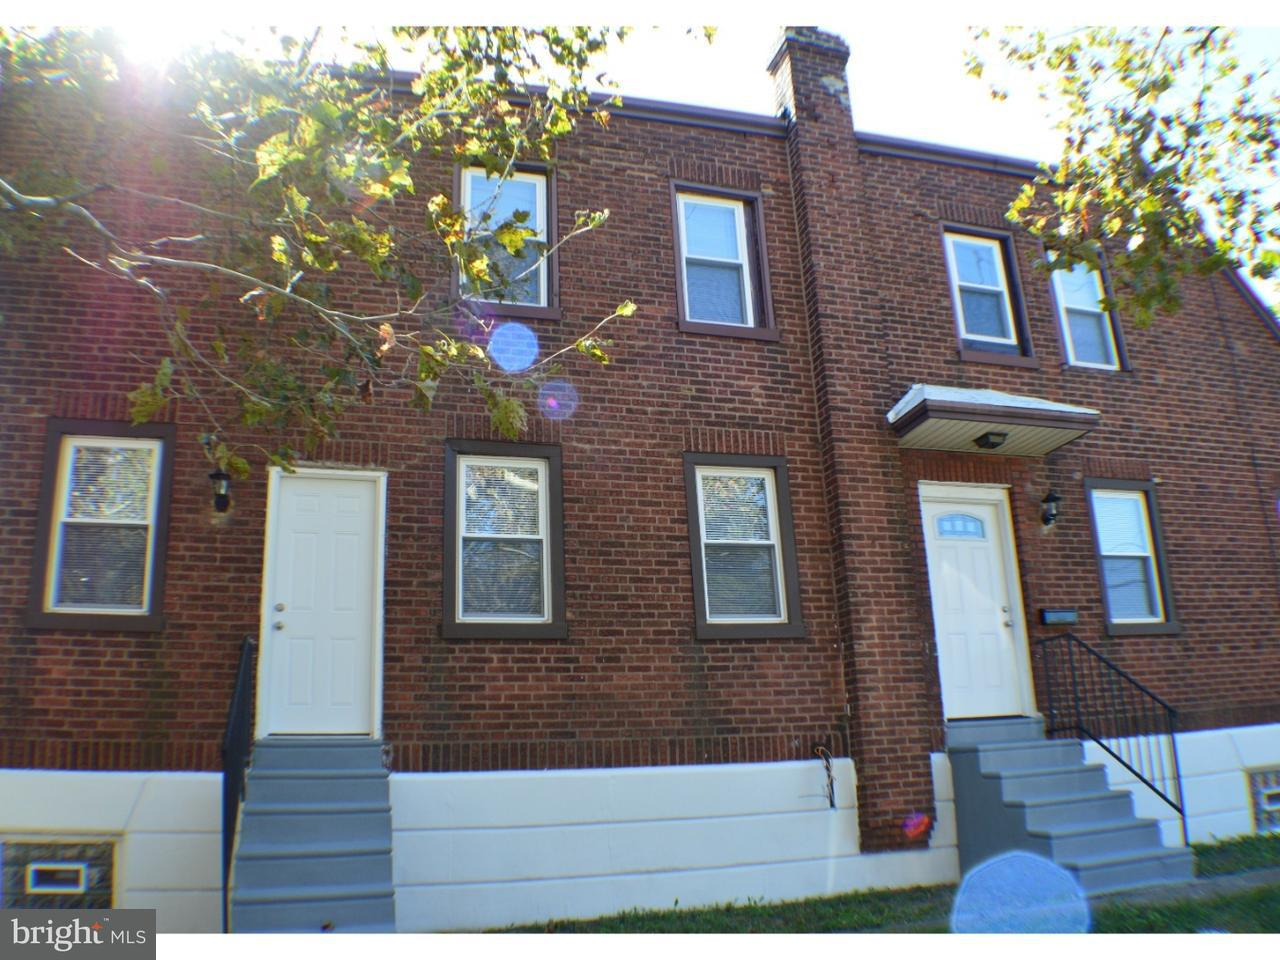 1526 E Washington Philadelphia , PA 19138